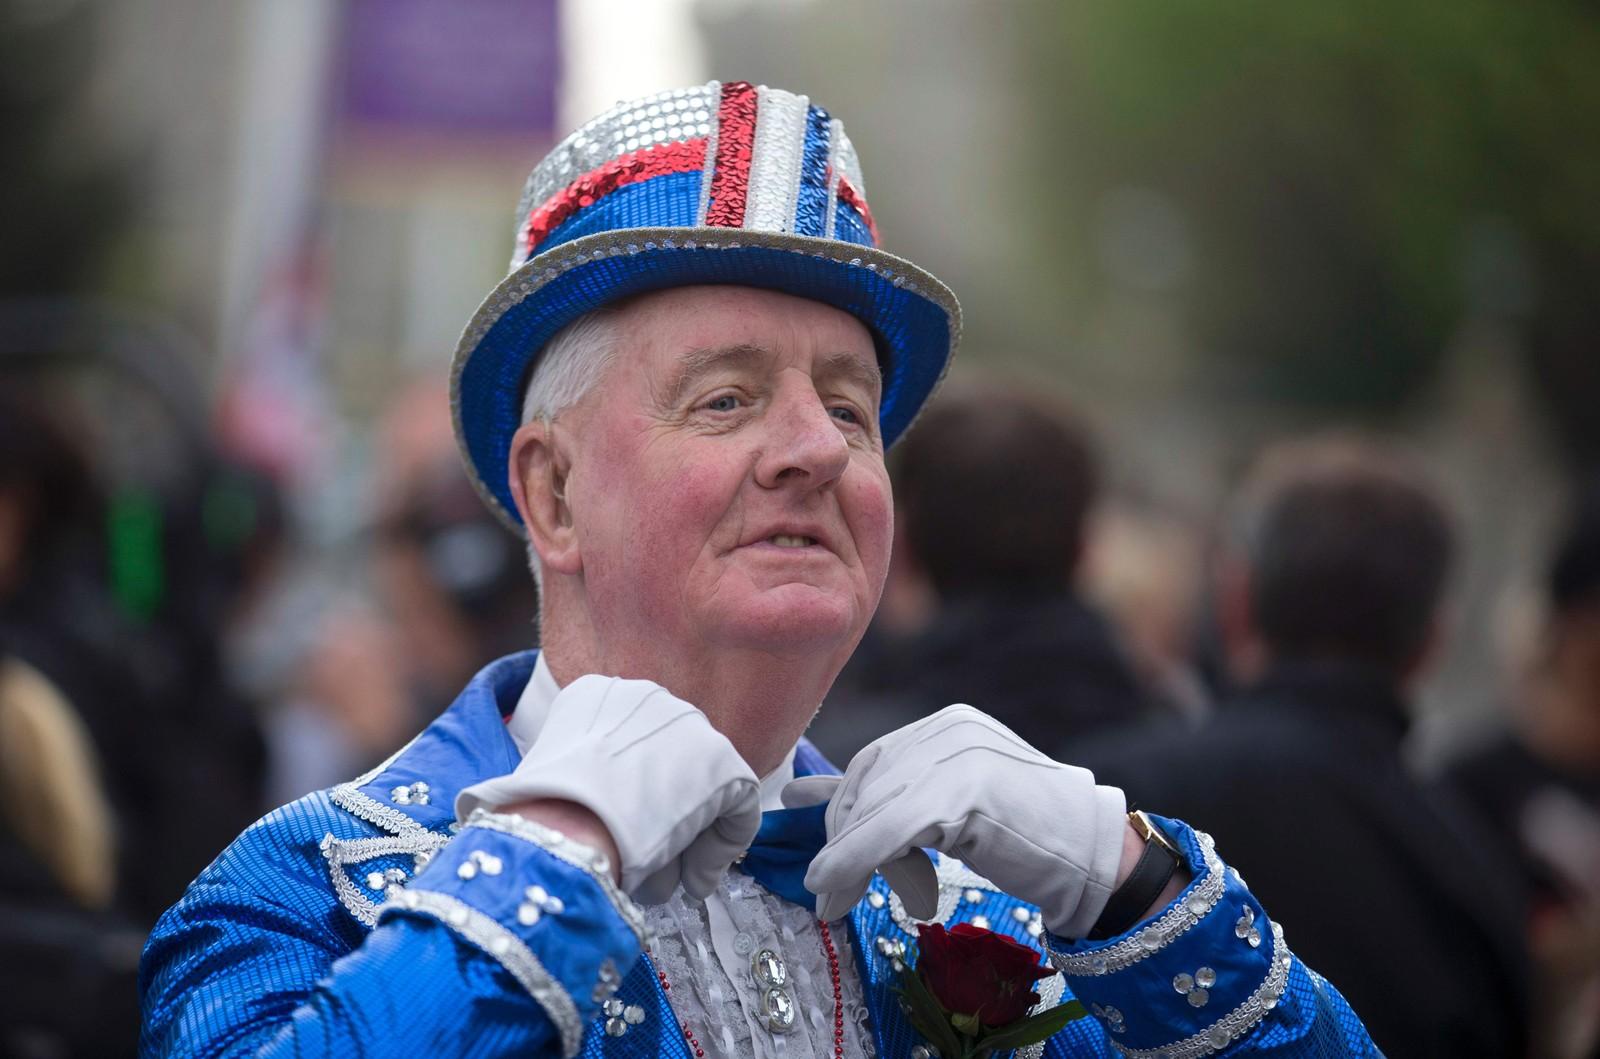 Tilhengere av kongefamilien poserer for fotografene utenfor Windsor slott, der de er på plass for å feire dronningen.